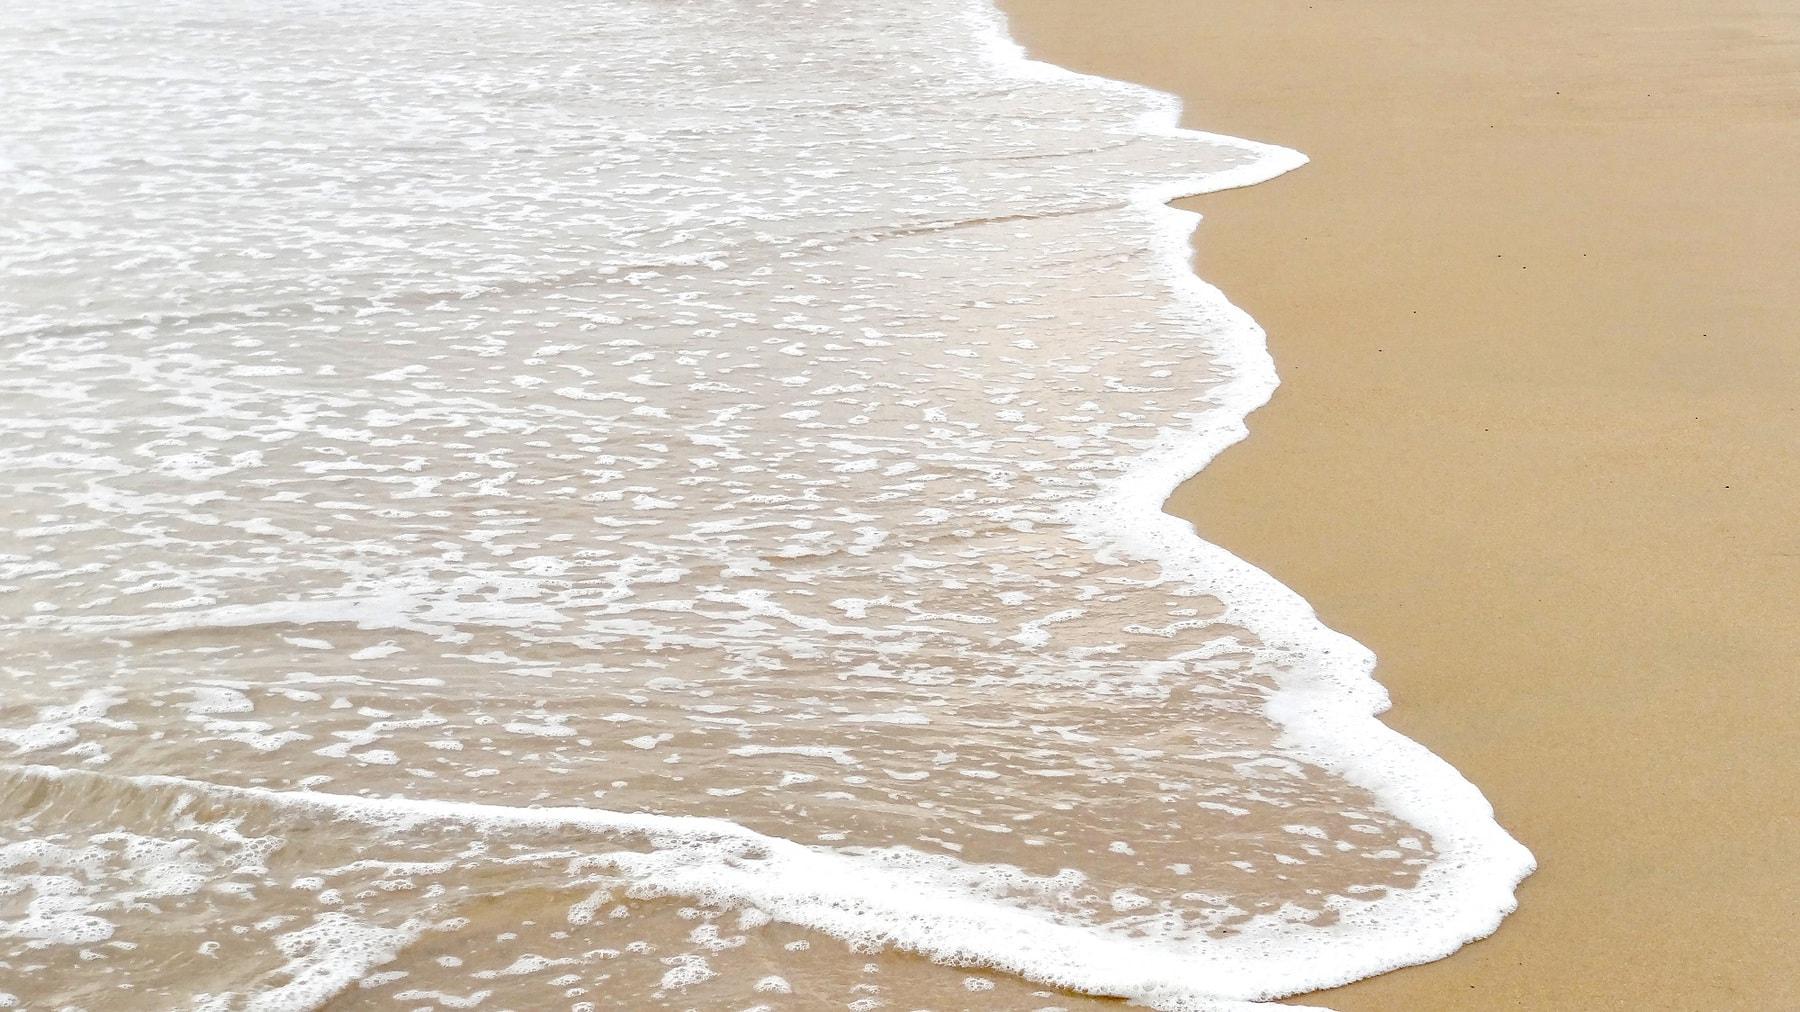 King tides to impact Douglas coastline